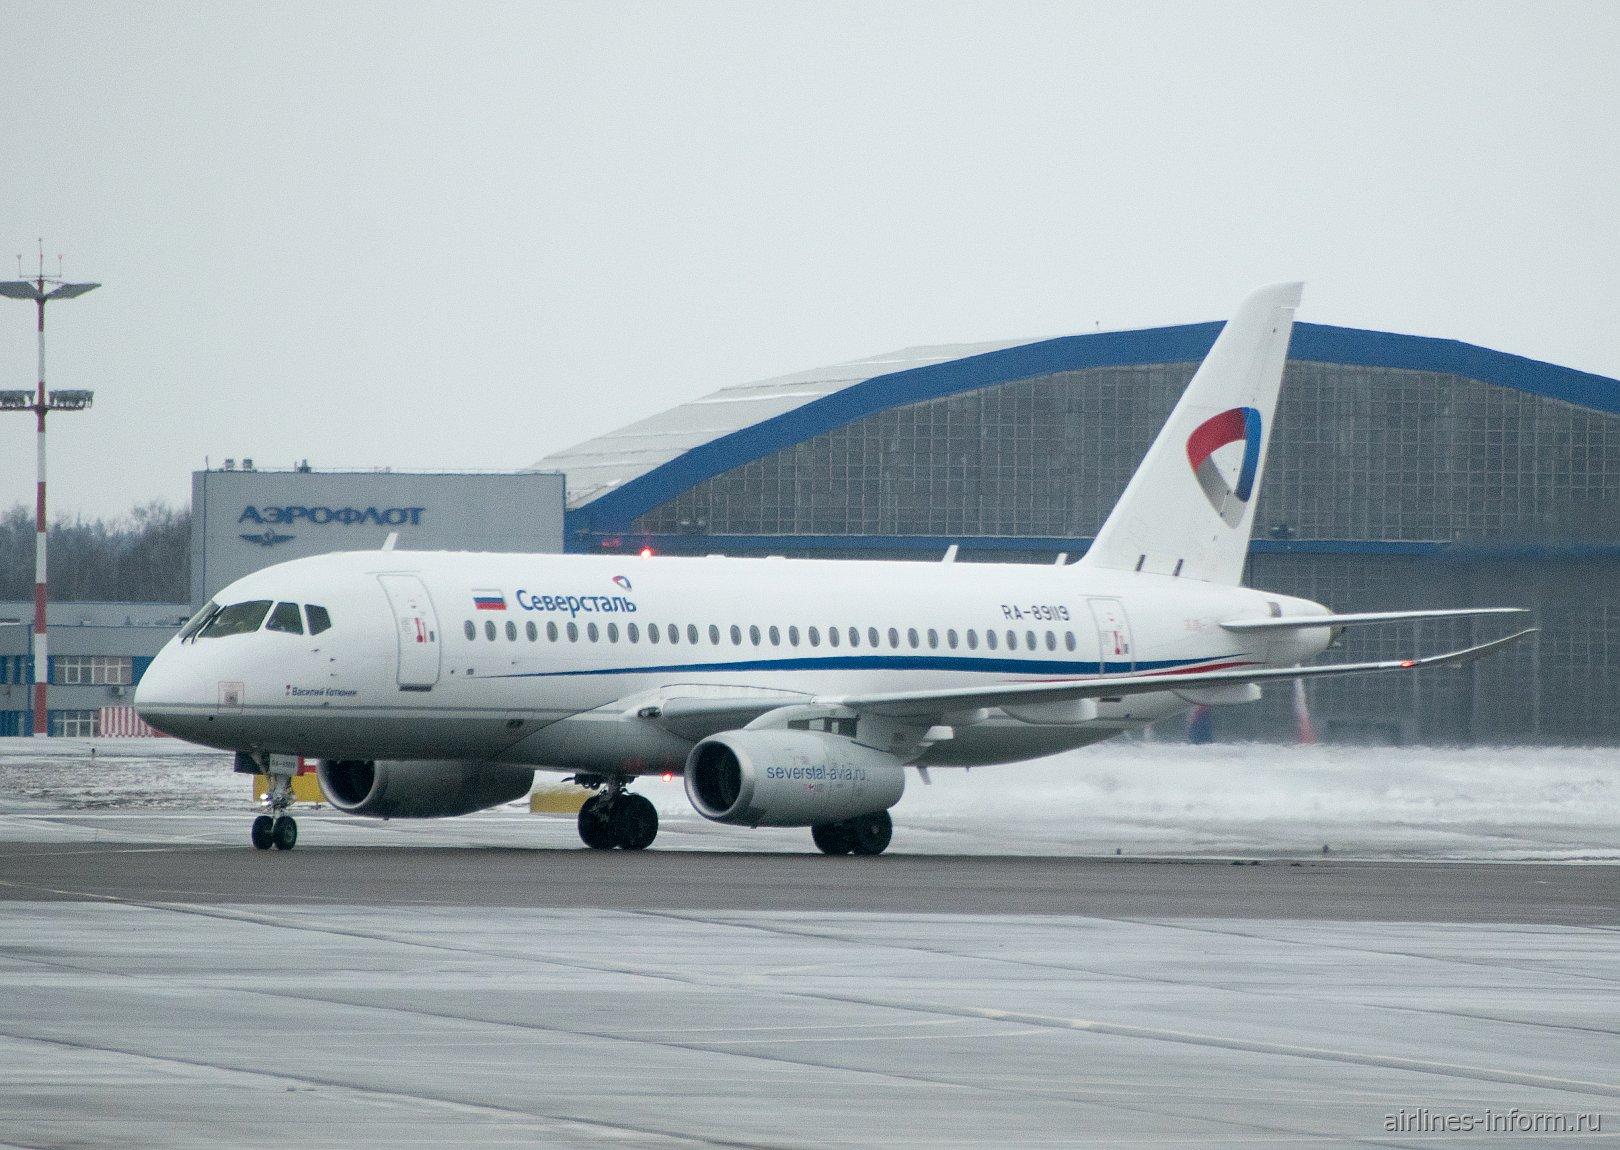 Москва - Череповец, Сухой Суперджет 100, RA-89119, Северсталь